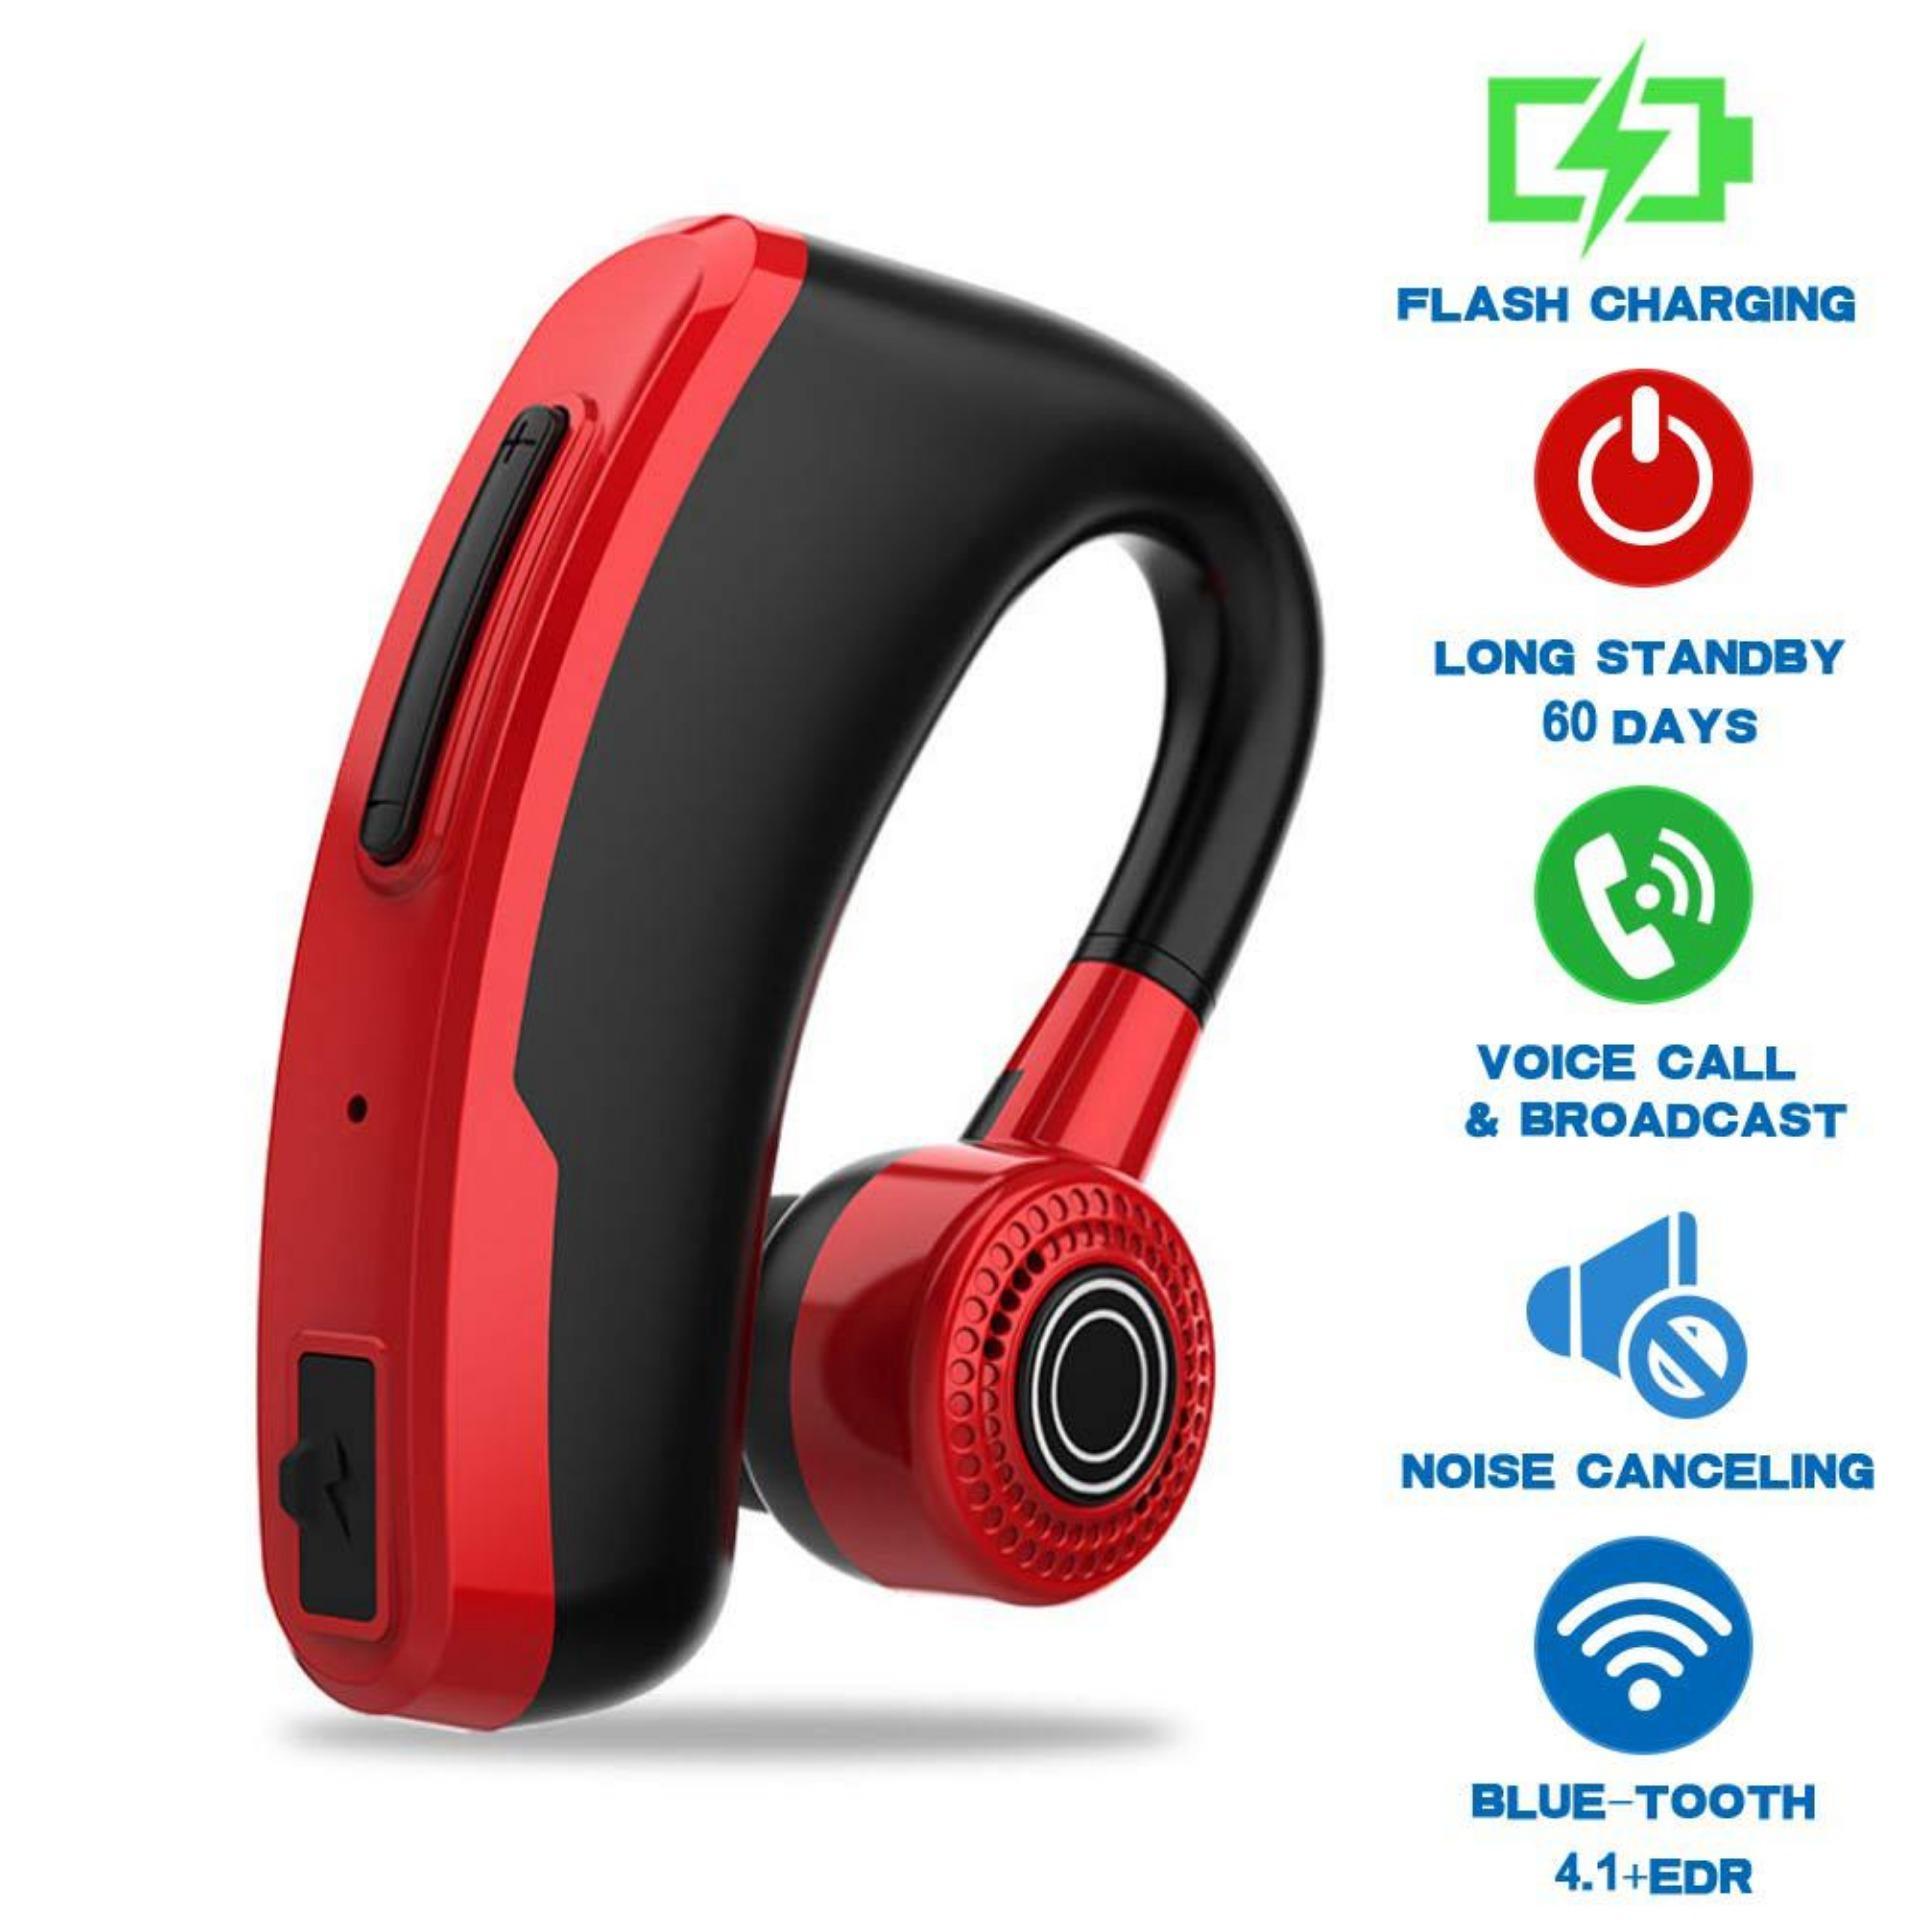 OrzBuy V10 Extreme Flash sạc chống mồ hôi chống nước Kinh Doanh Tai Nghe Bluetooth Xe Hơi Tai Nghe Chụp Tai Bluetooth Cầm Tay Có Mic tai nghe nhét tai Ear-Móc khóa Bluetooth Tai Nghe Không Dây dành cho IOS/Android Điện Thoại/Laptop/Máy Vi Tính